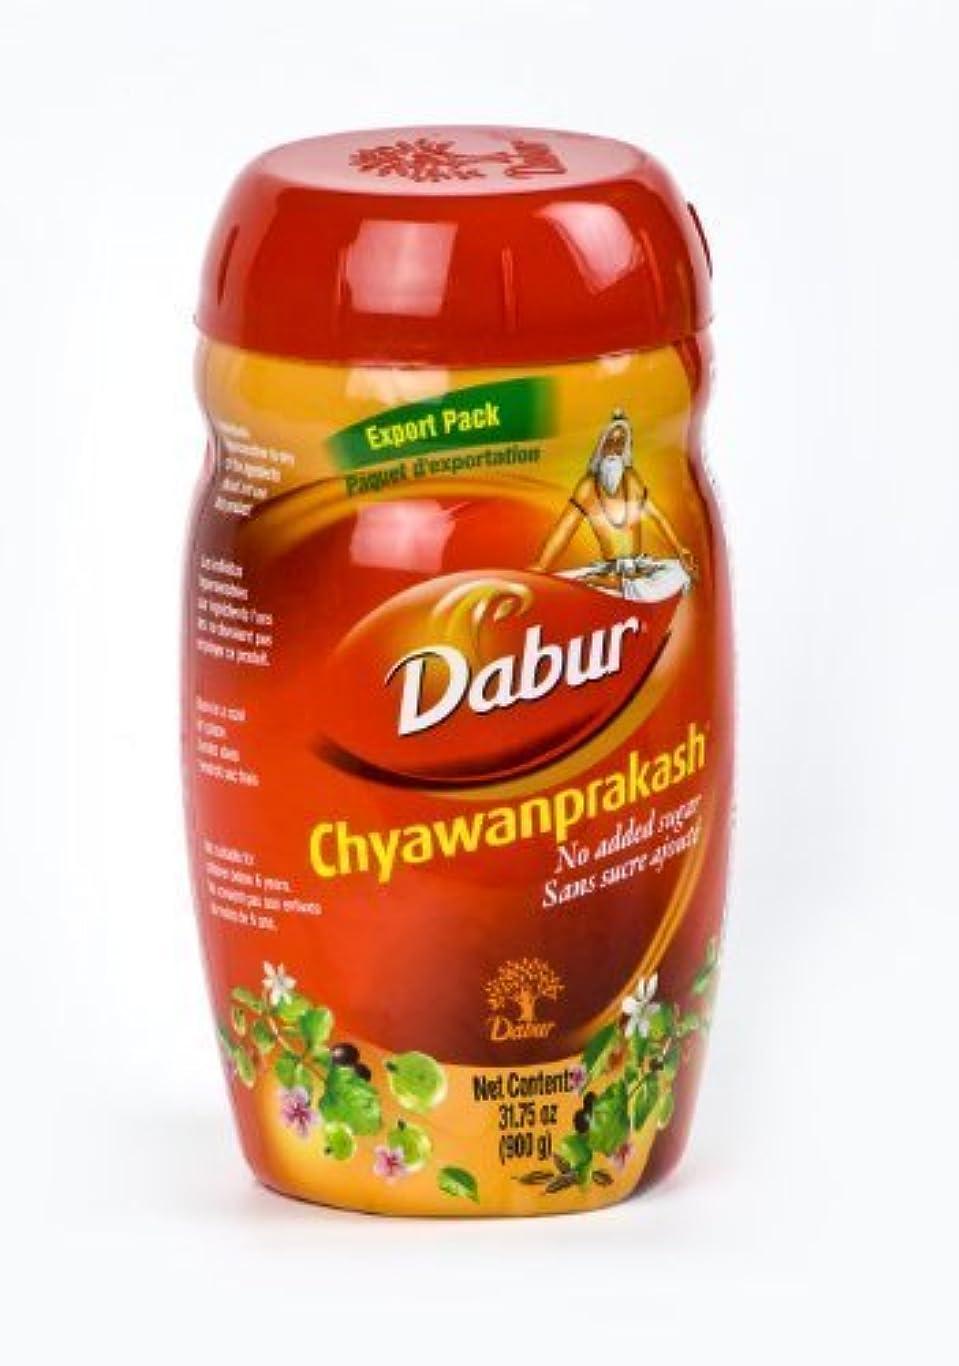 シュート脱臼する解釈的Dabur Chywan Prakash (Chyawanprash) No Added Sugar 900g by Dabur [並行輸入品]